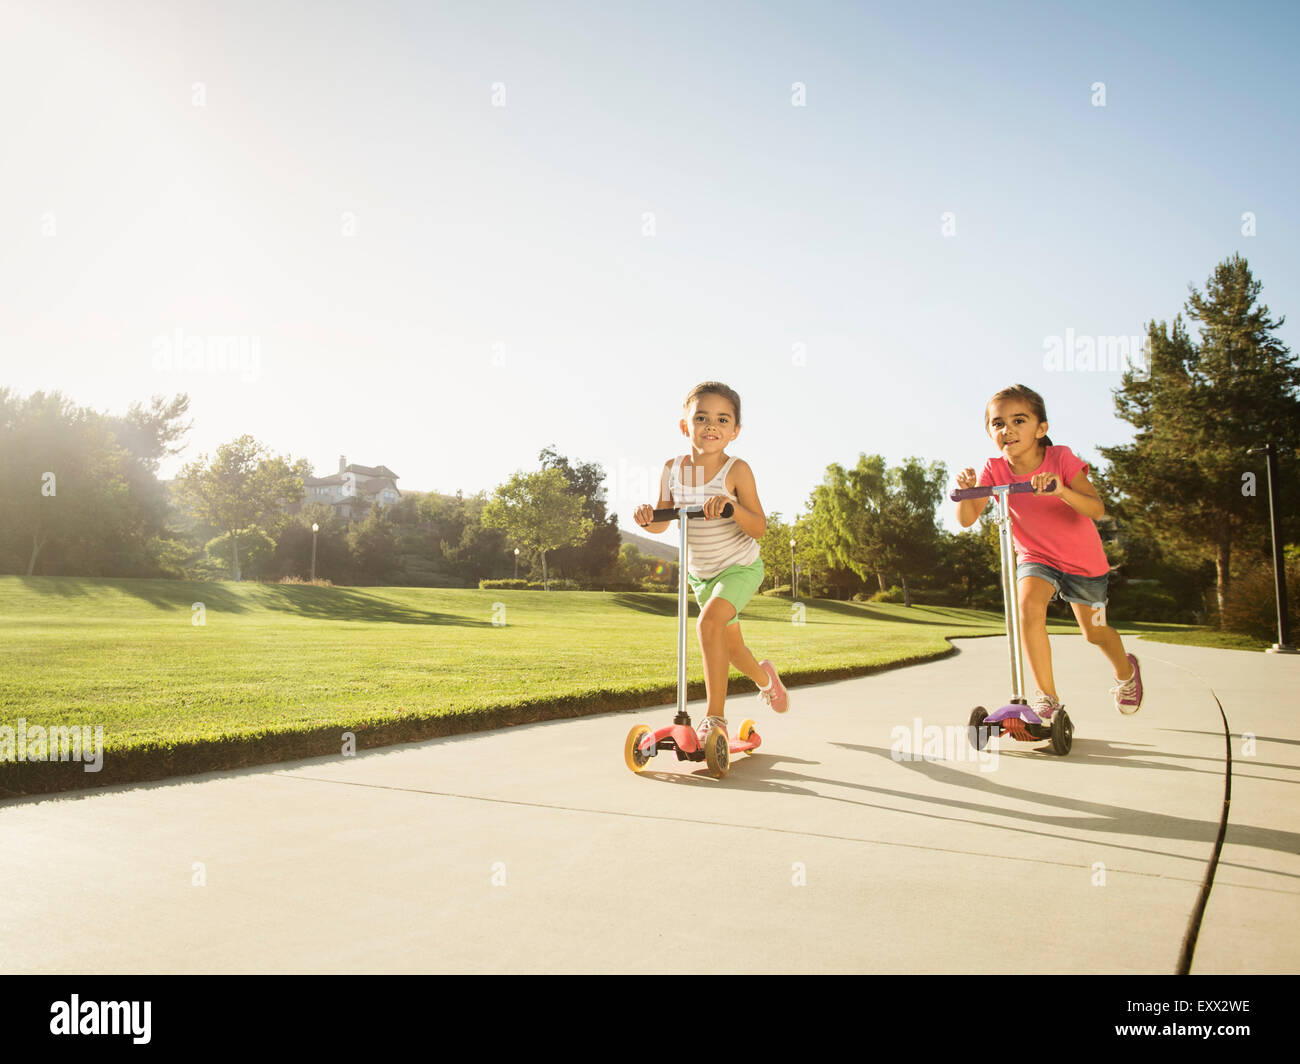 Hermanas (6-7, 8-9) jugando en el parque Imagen De Stock